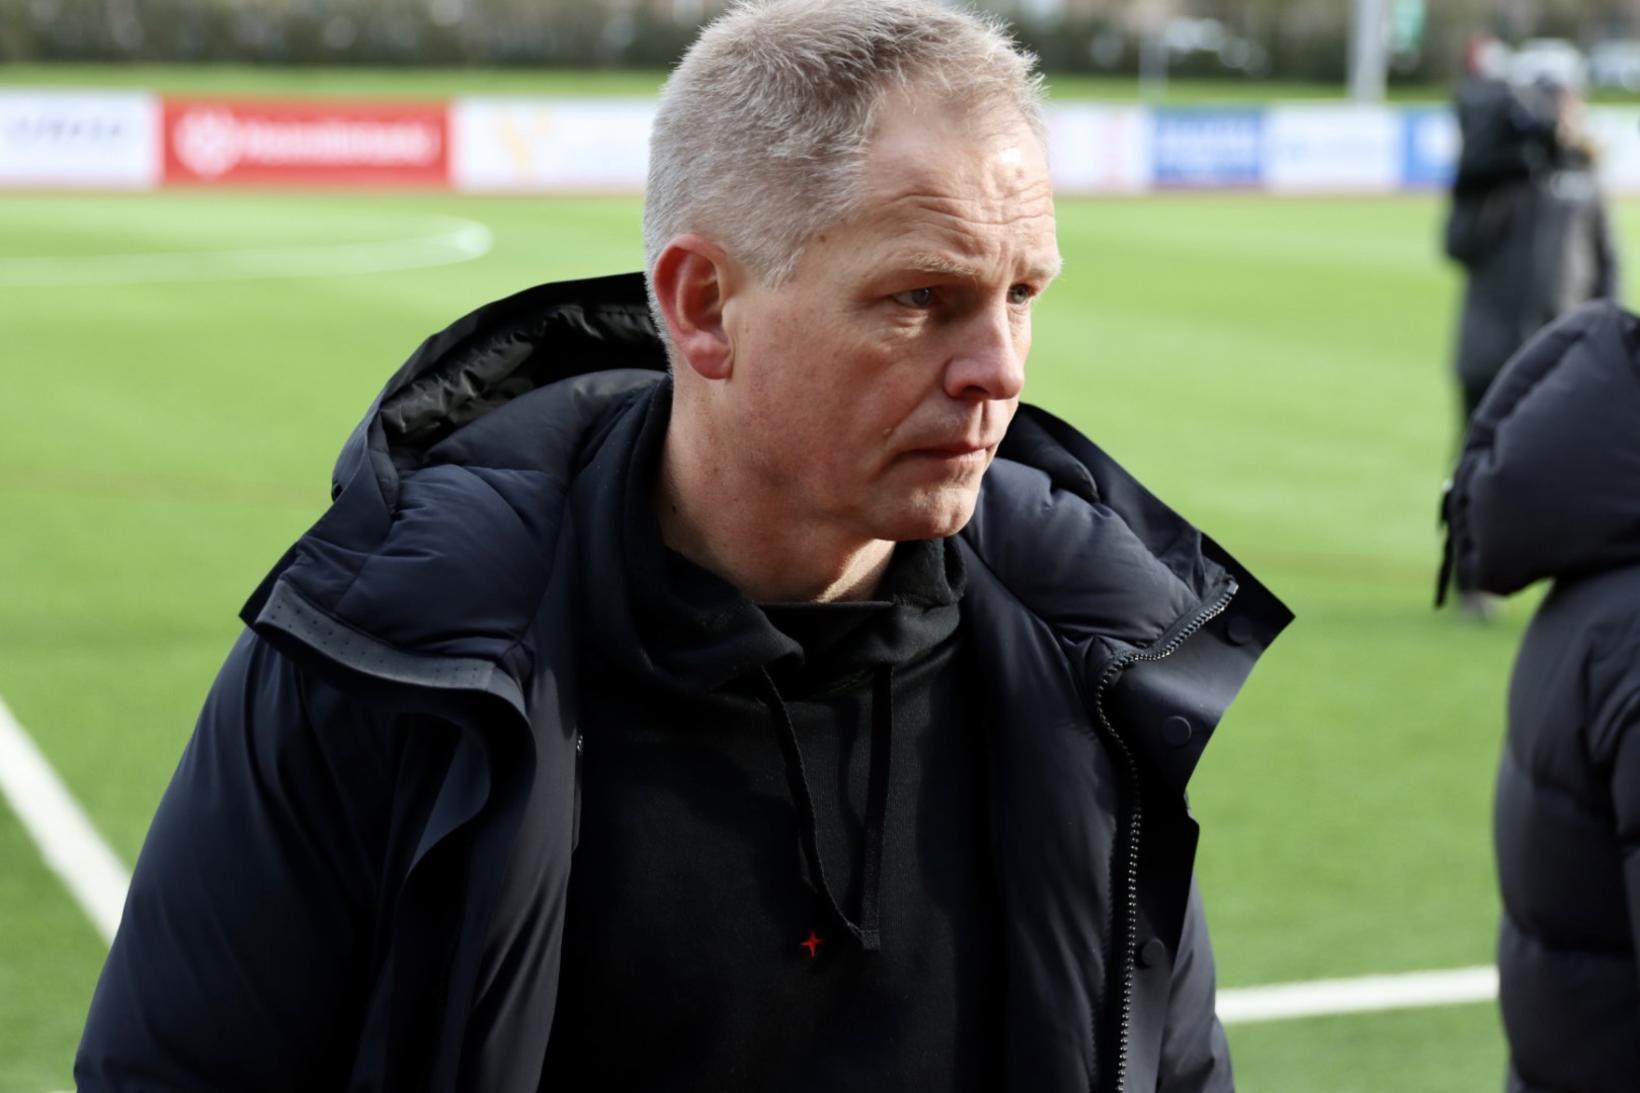 Óskar Hrafn Þorvaldsson, þjálfari Breiðabliks.